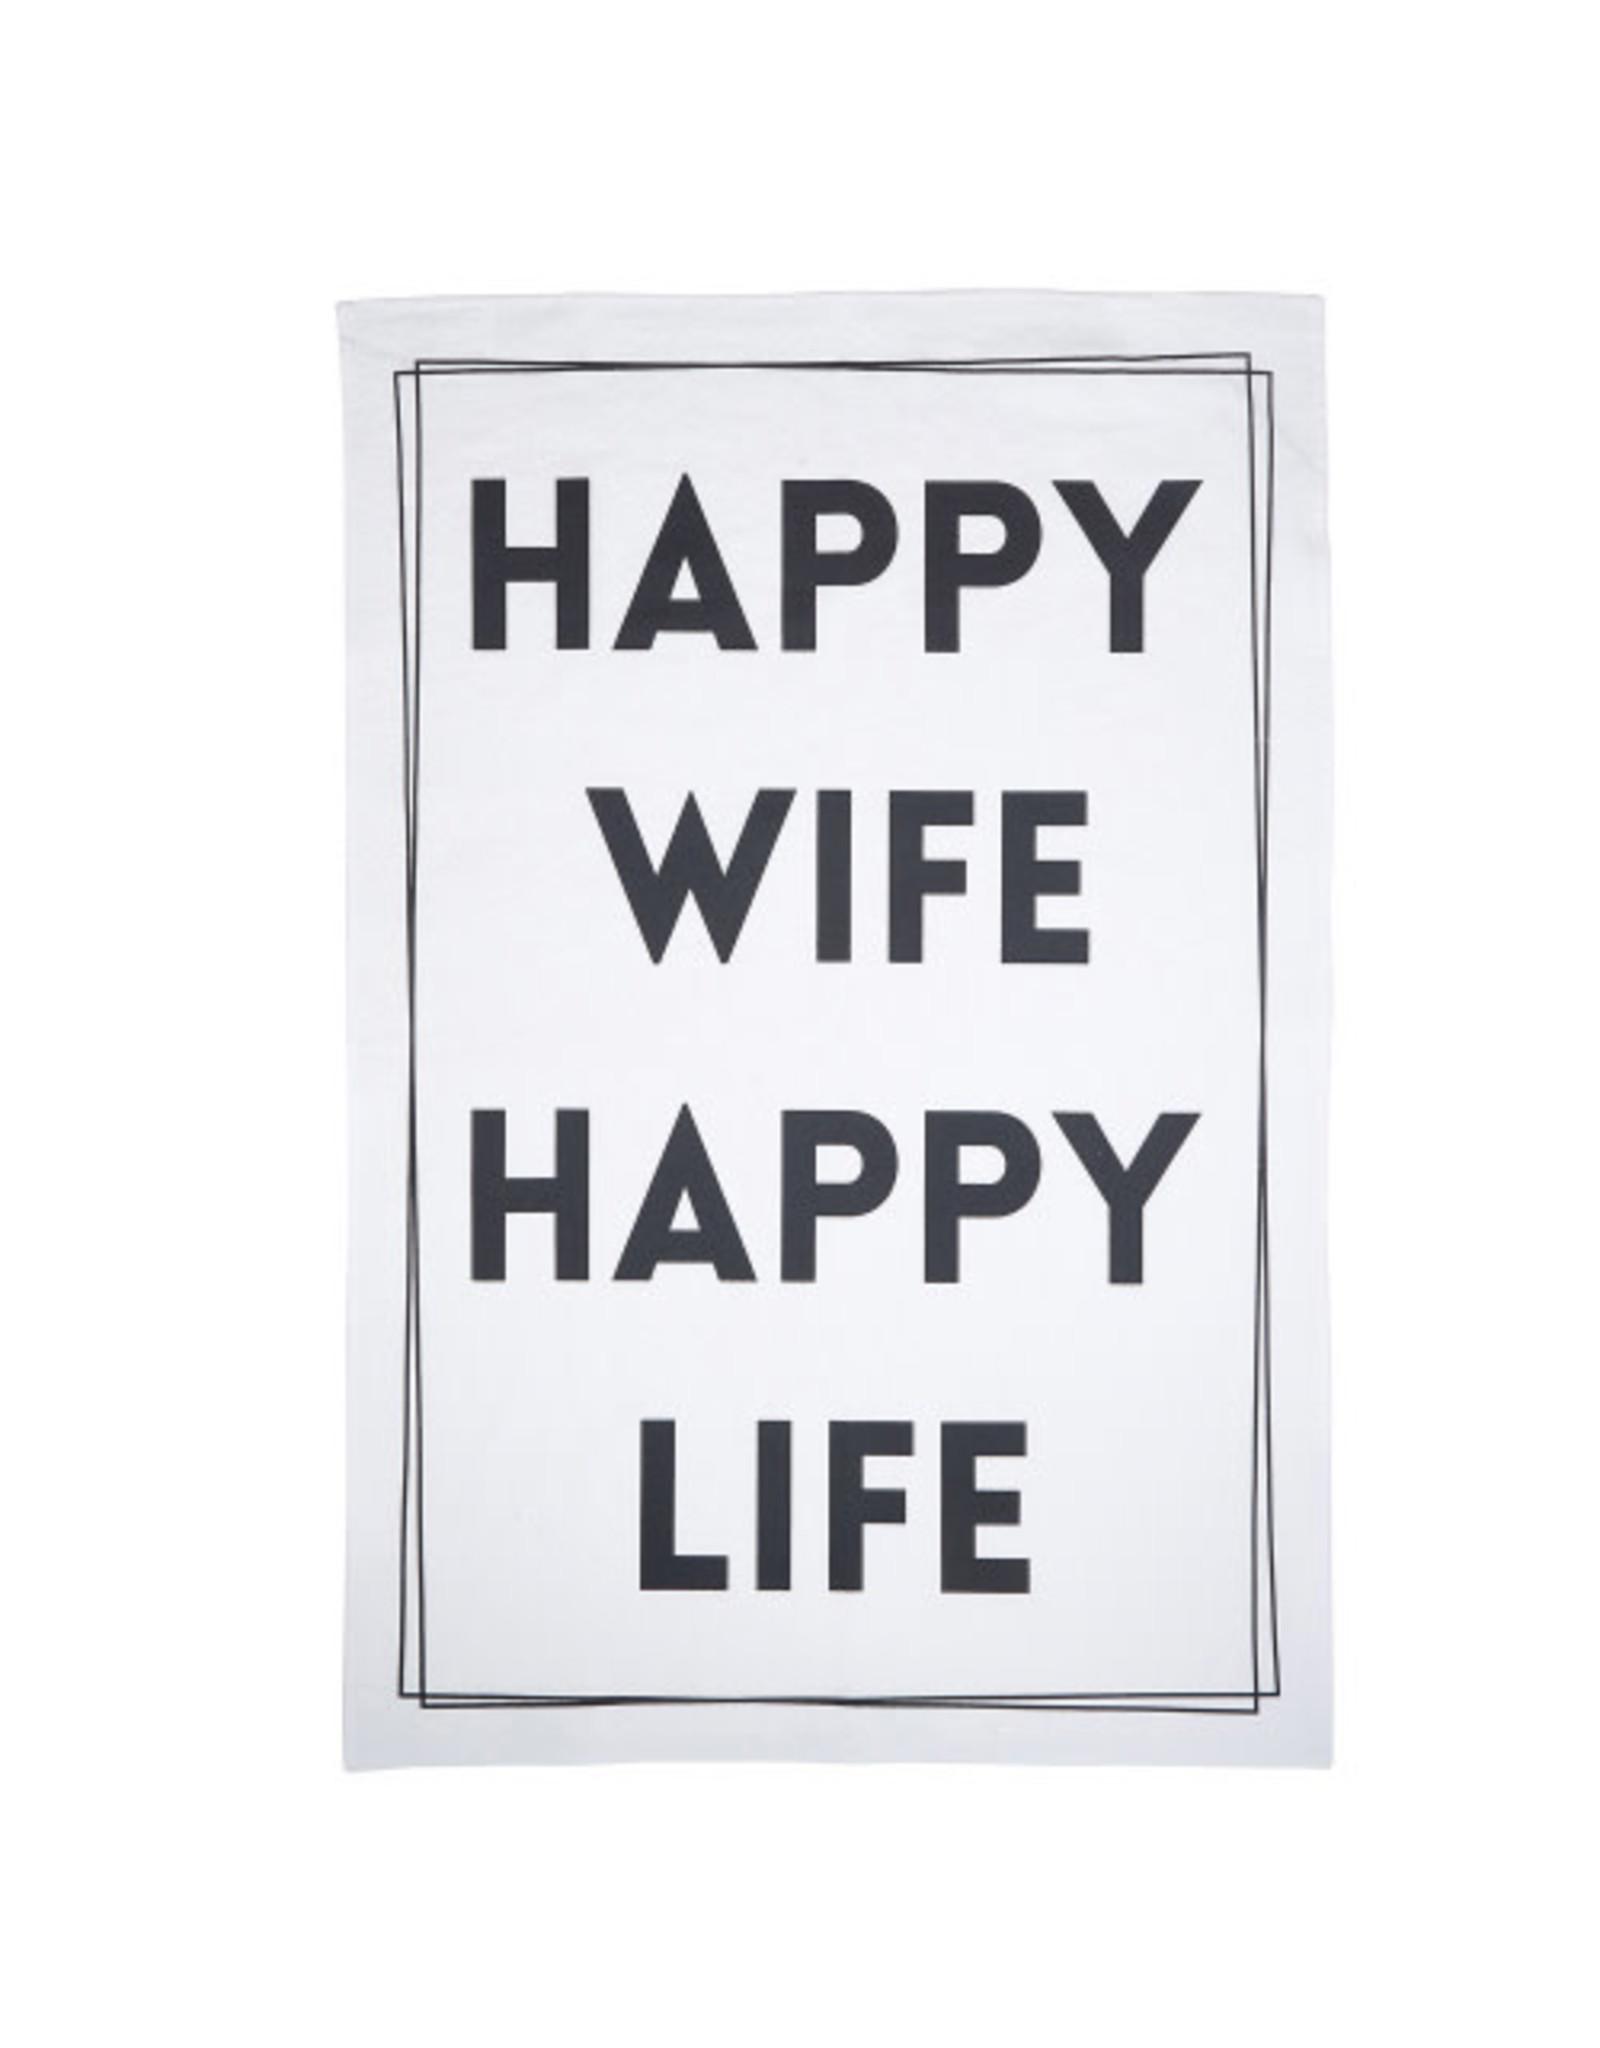 Creative Brands Tea Towel, Happy Wife Happy Life